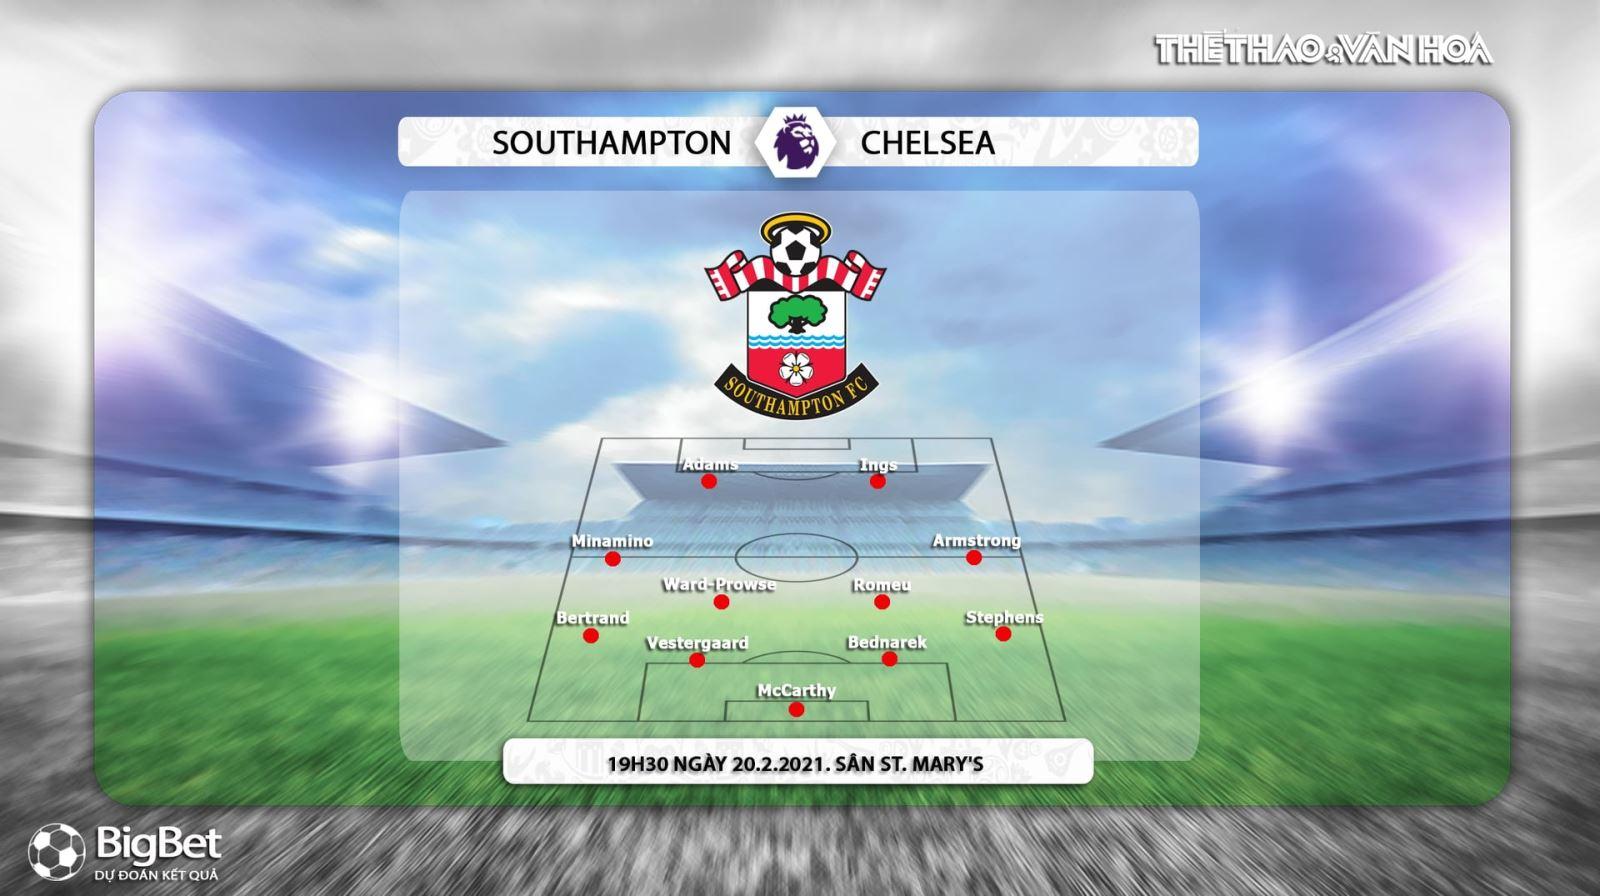 Keo nha cai, kèo nhà cái, Southampton vs Chelsea, K+, K+PM trực tiếp bóng đá Anh, Trực tiếp bóng đá, Trực tiếp Southampton đấu với Chelsea, Kèo bóng đáChelsea